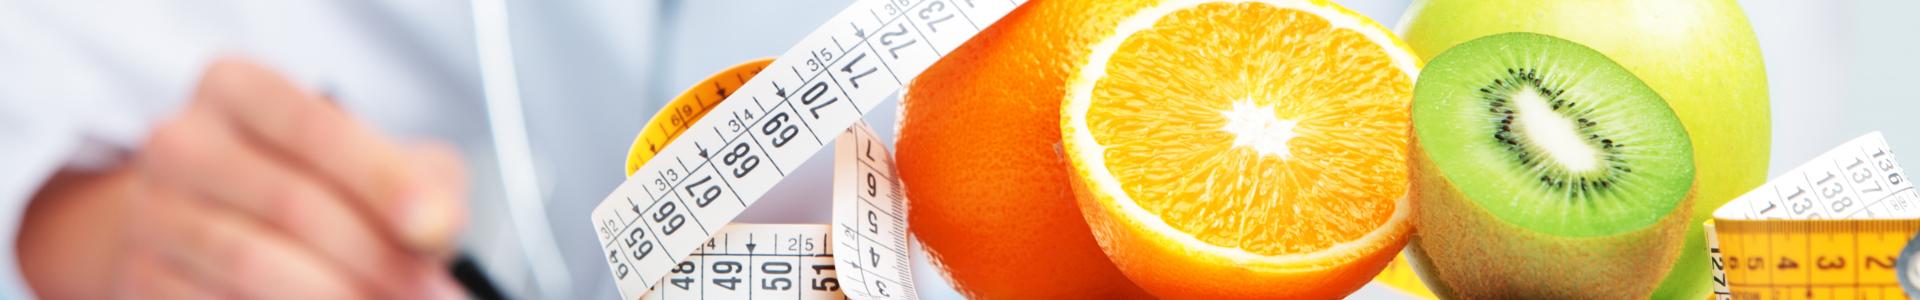 consultation avec nutritionniste pour le cancer prostate